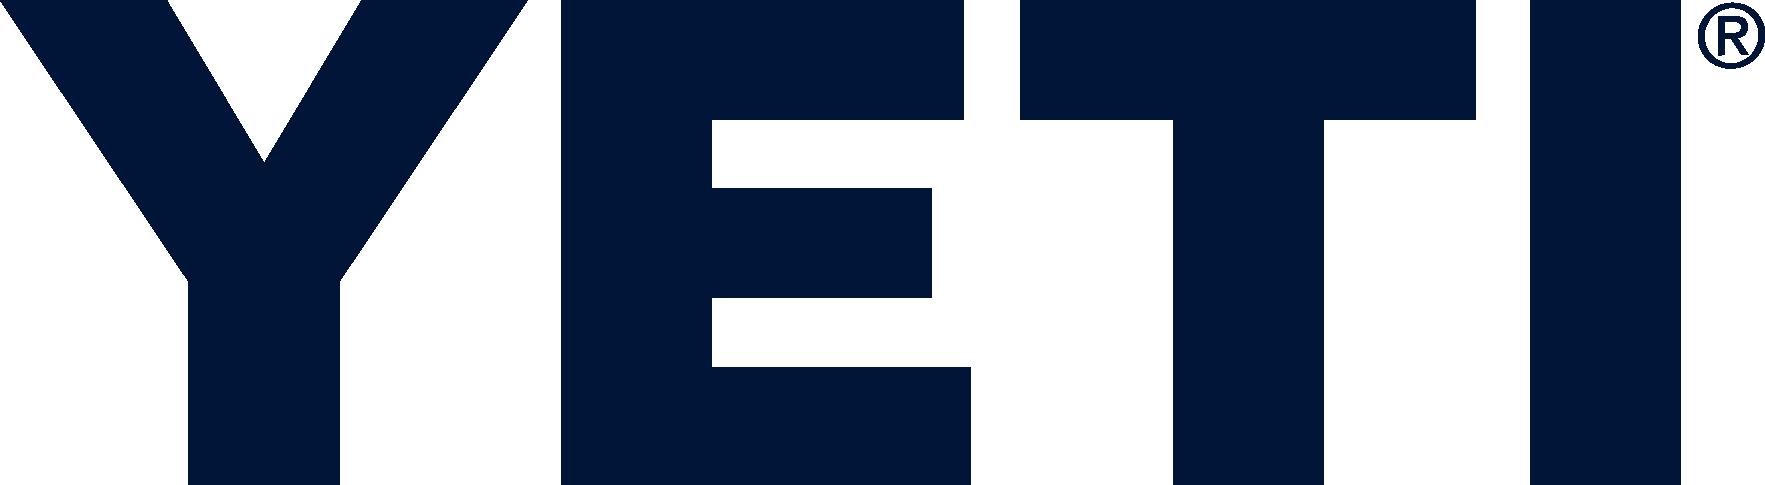 Yeti Logo Soft Cooler Yeti Logo Yeti